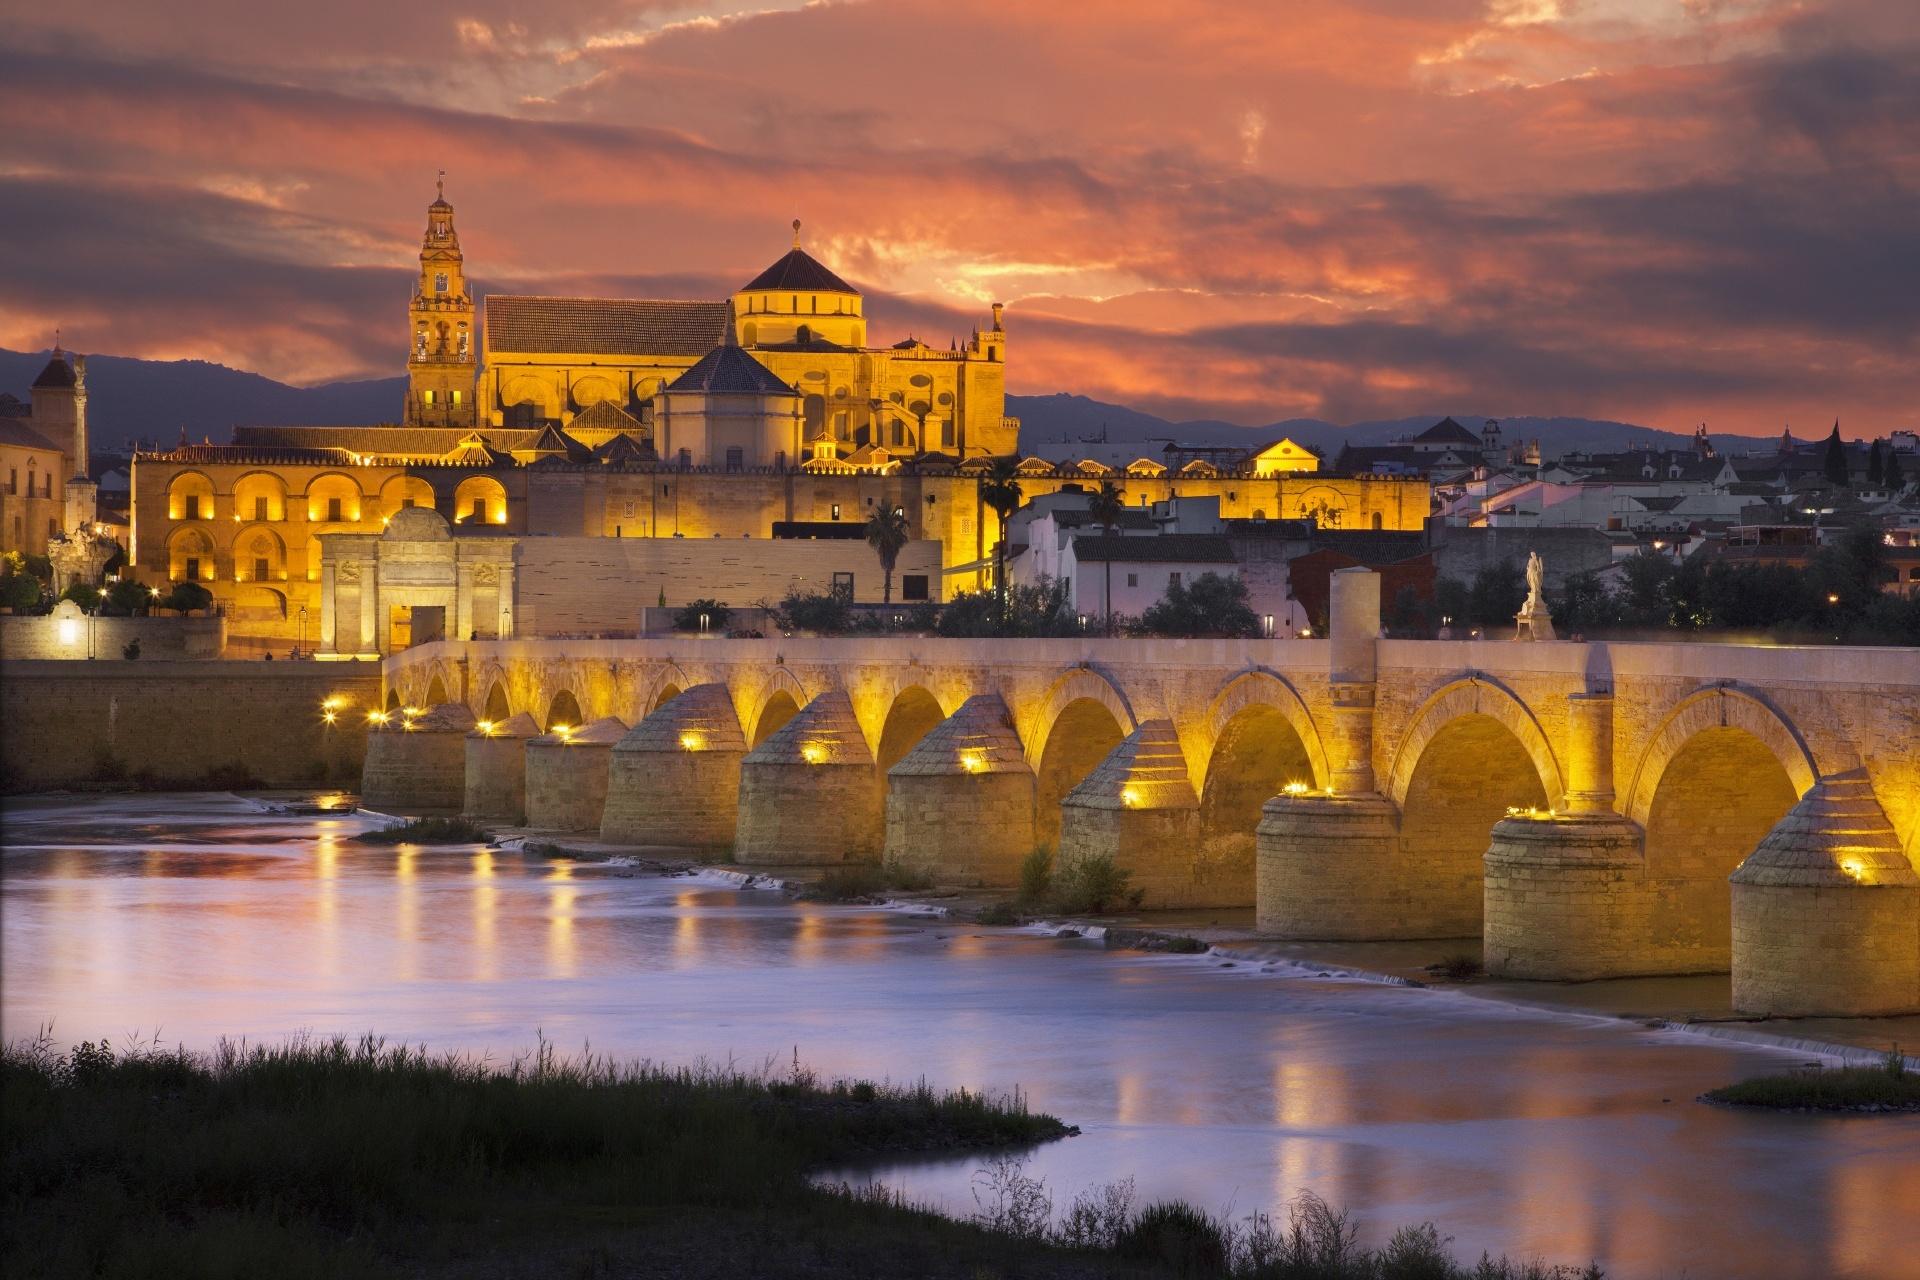 グアダルキビール川のローマ橋とメスキータ大聖堂 アンダルシアの夕暮れ スペインの風景